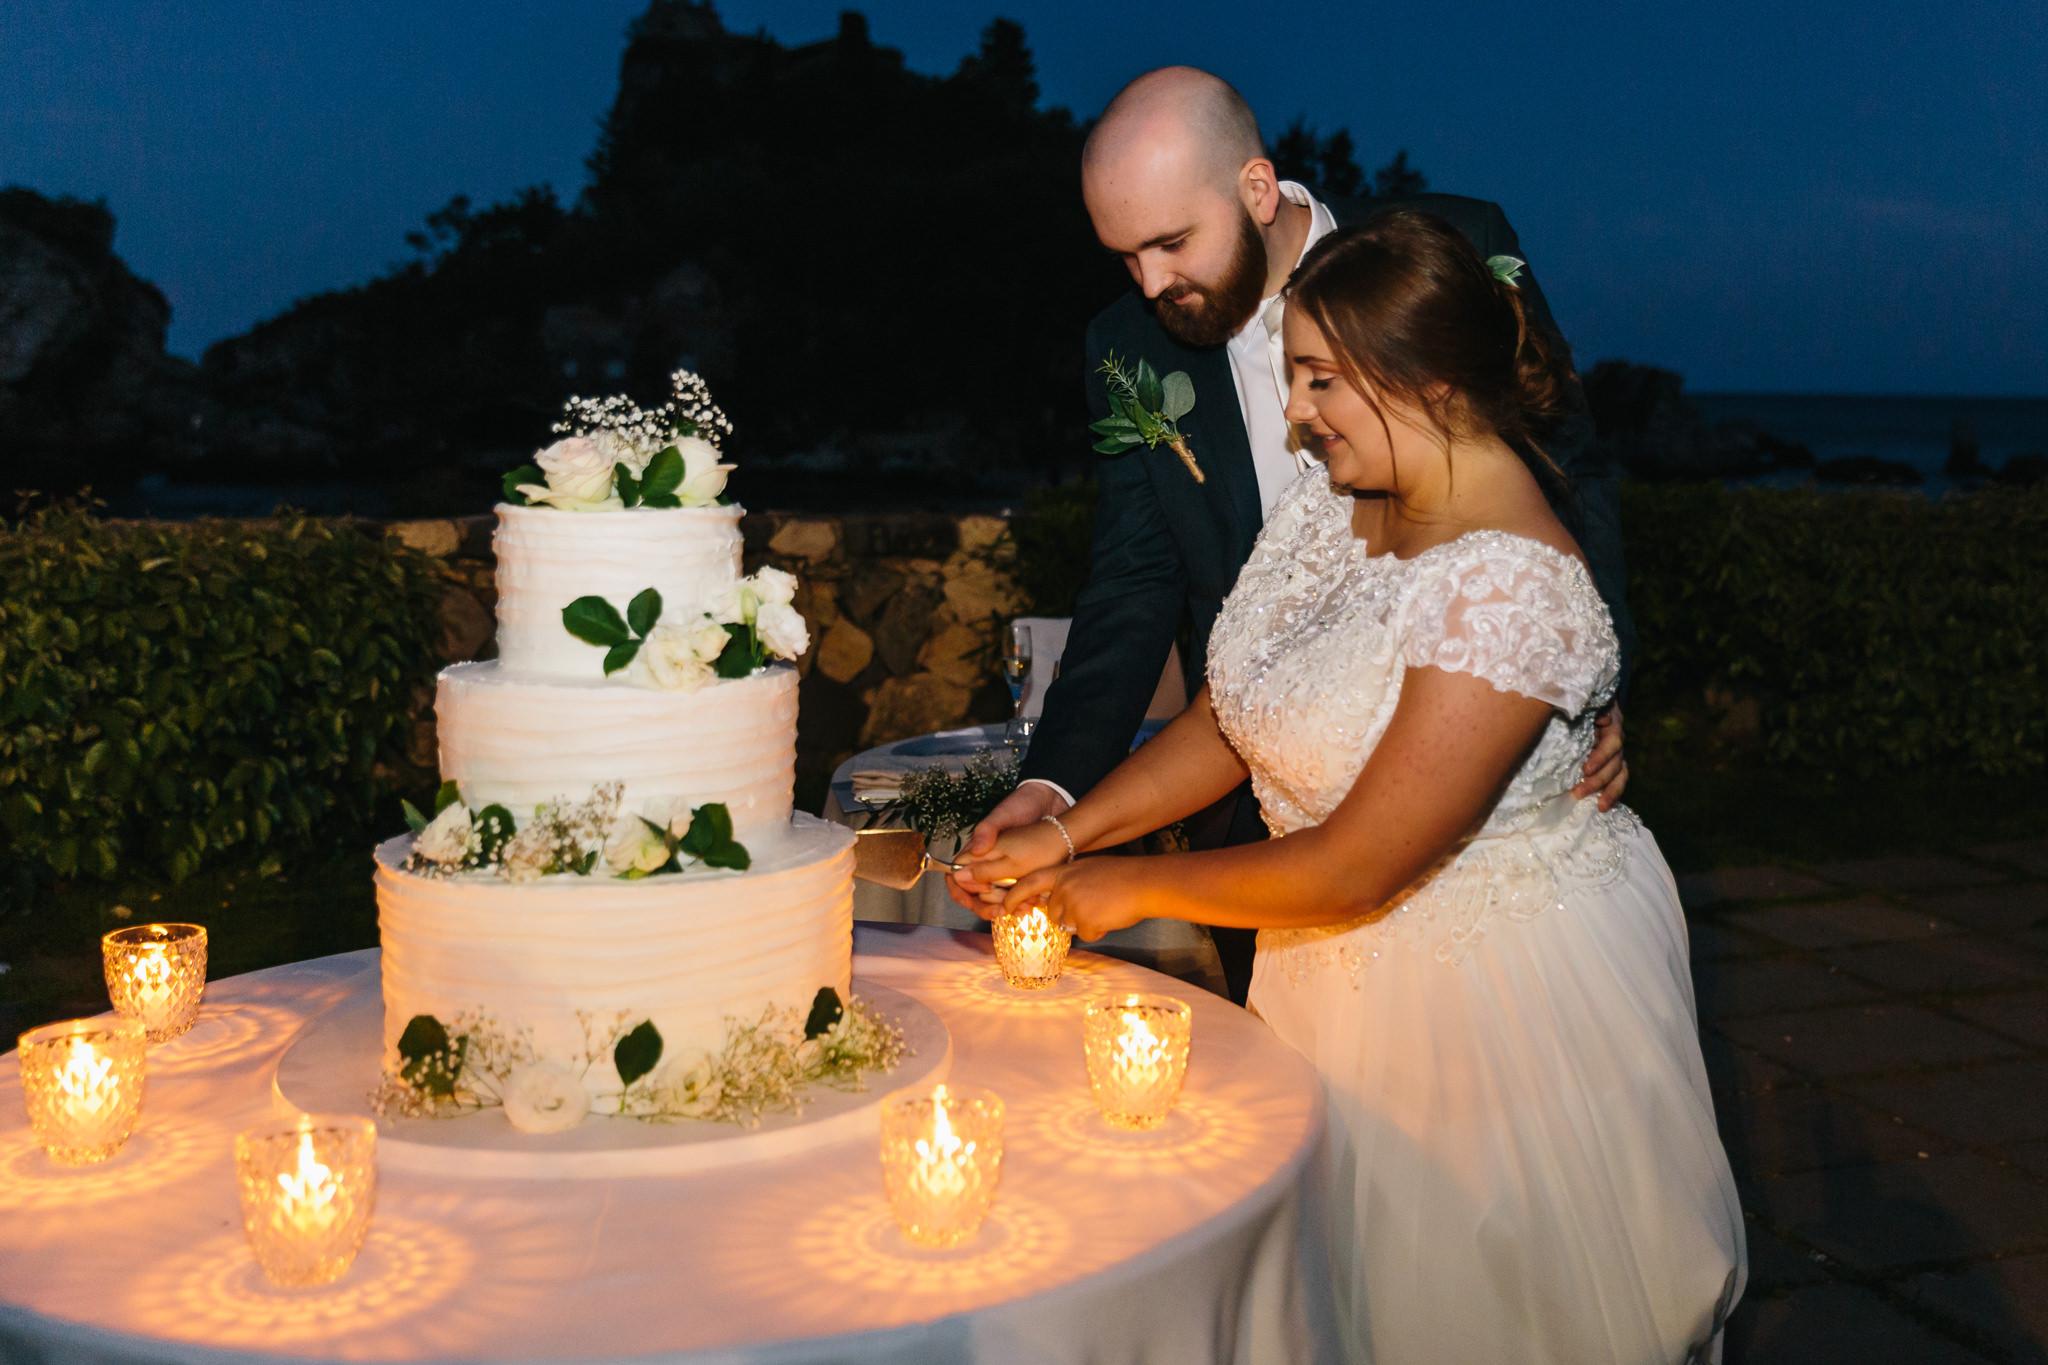 065-2019-04-27-Wedding-Michelle-e-Callum-5DE-861